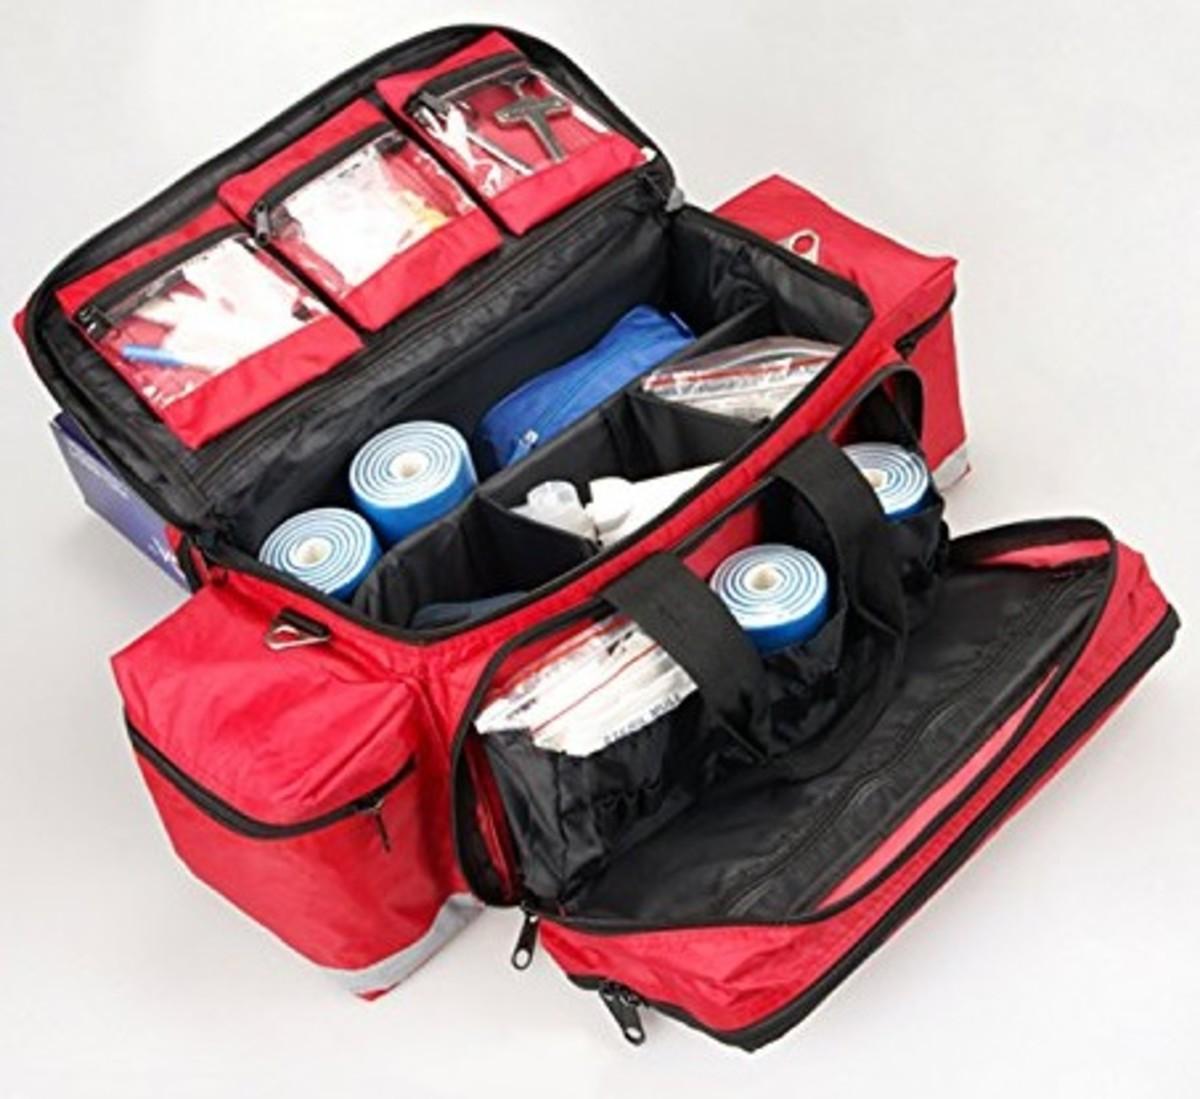 Aurelius Large Capacity Trauma Bag